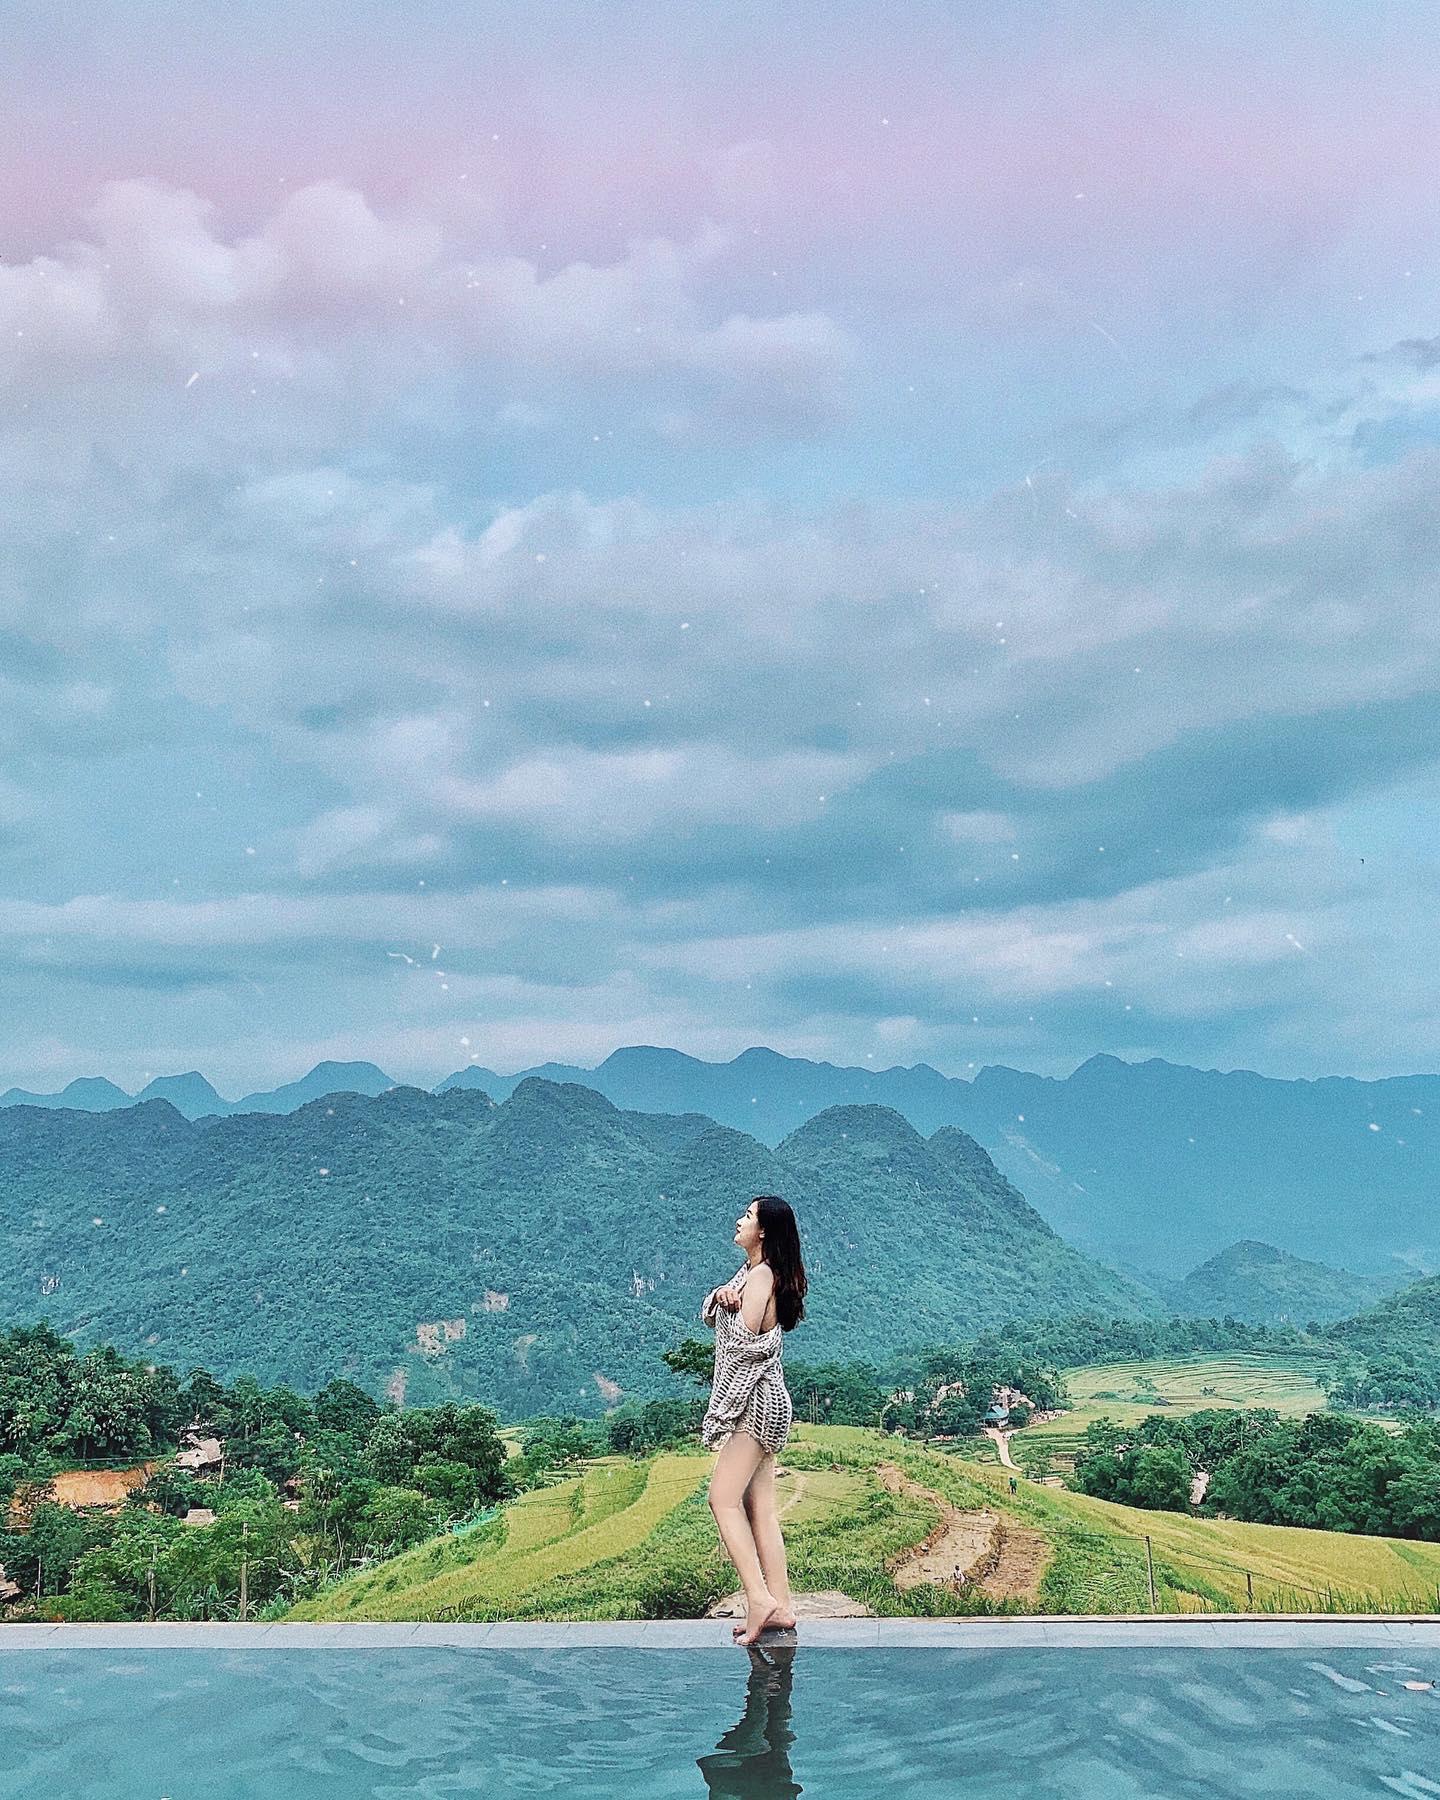 Chiem-nguong-pu-luong-mua-lua-chin-tour-pu-luong-vietmountain-travel7